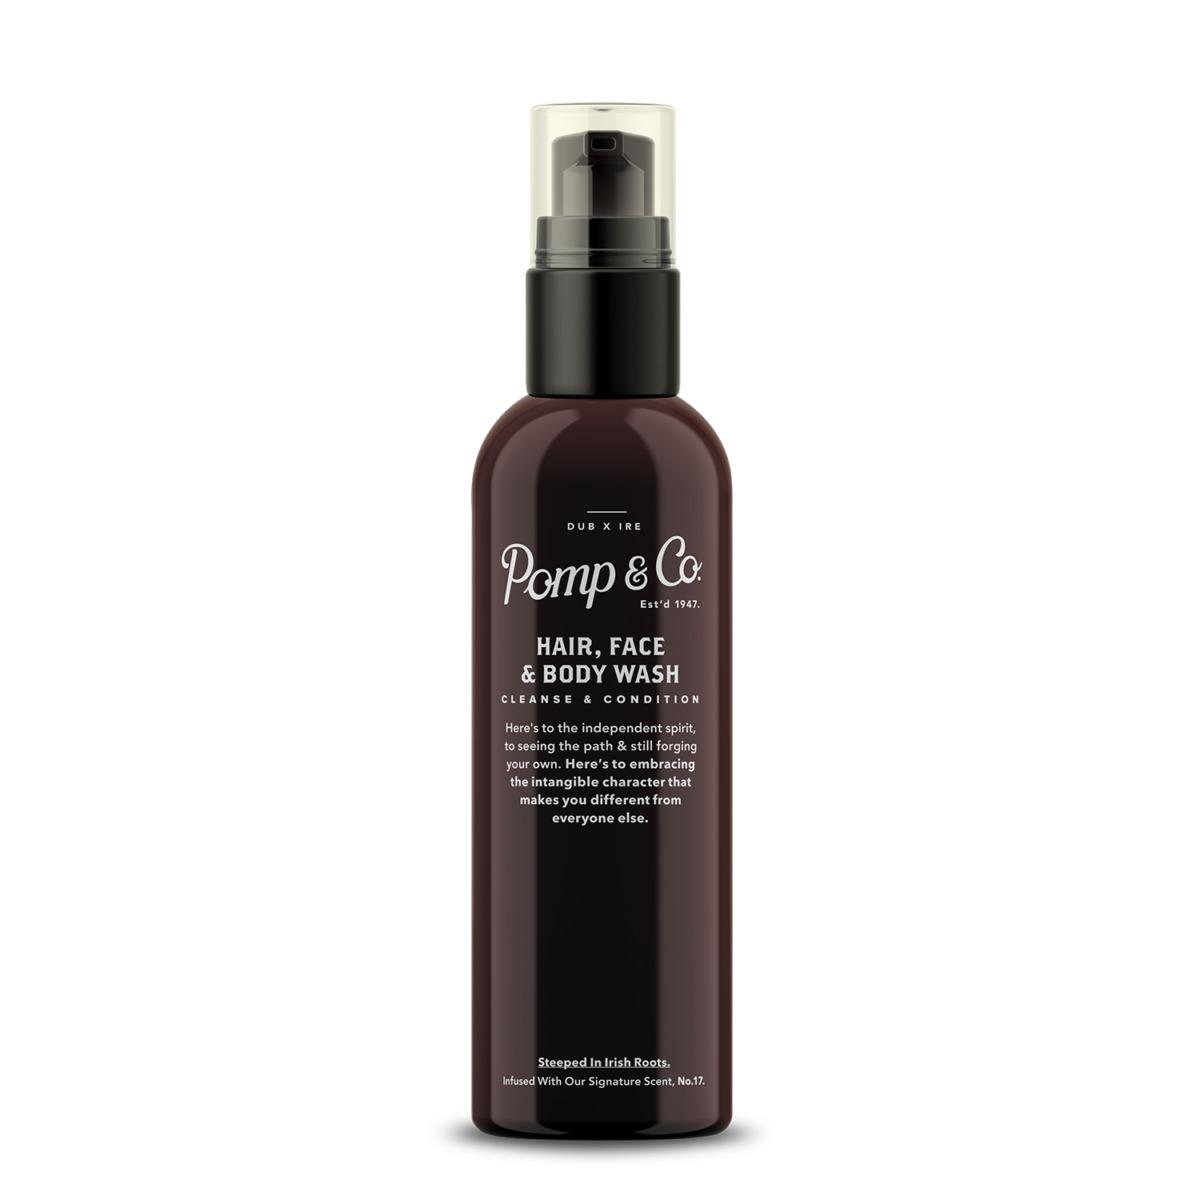 Tuotekuva: Pomp&Co. Hair, Face & Body Wash -nestemäinen saippua (200ml)